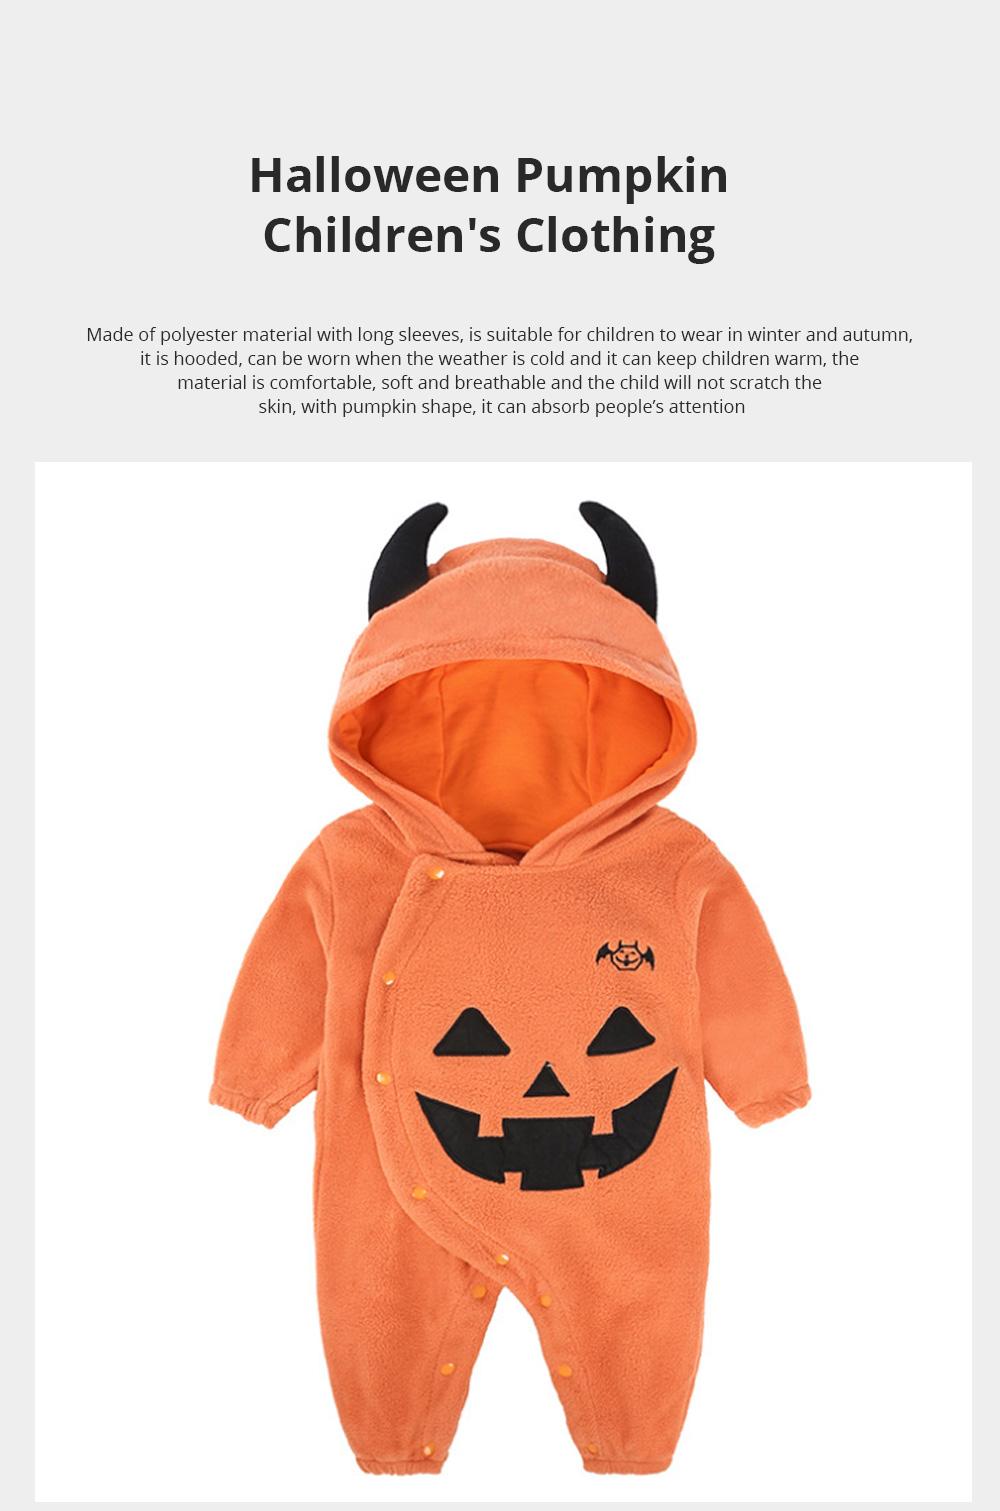 Universal Autumn Winter Halloween Pumpkin Baby Dress Hooded One-Piece Shirt Children's Clothing For Boys Girls 0